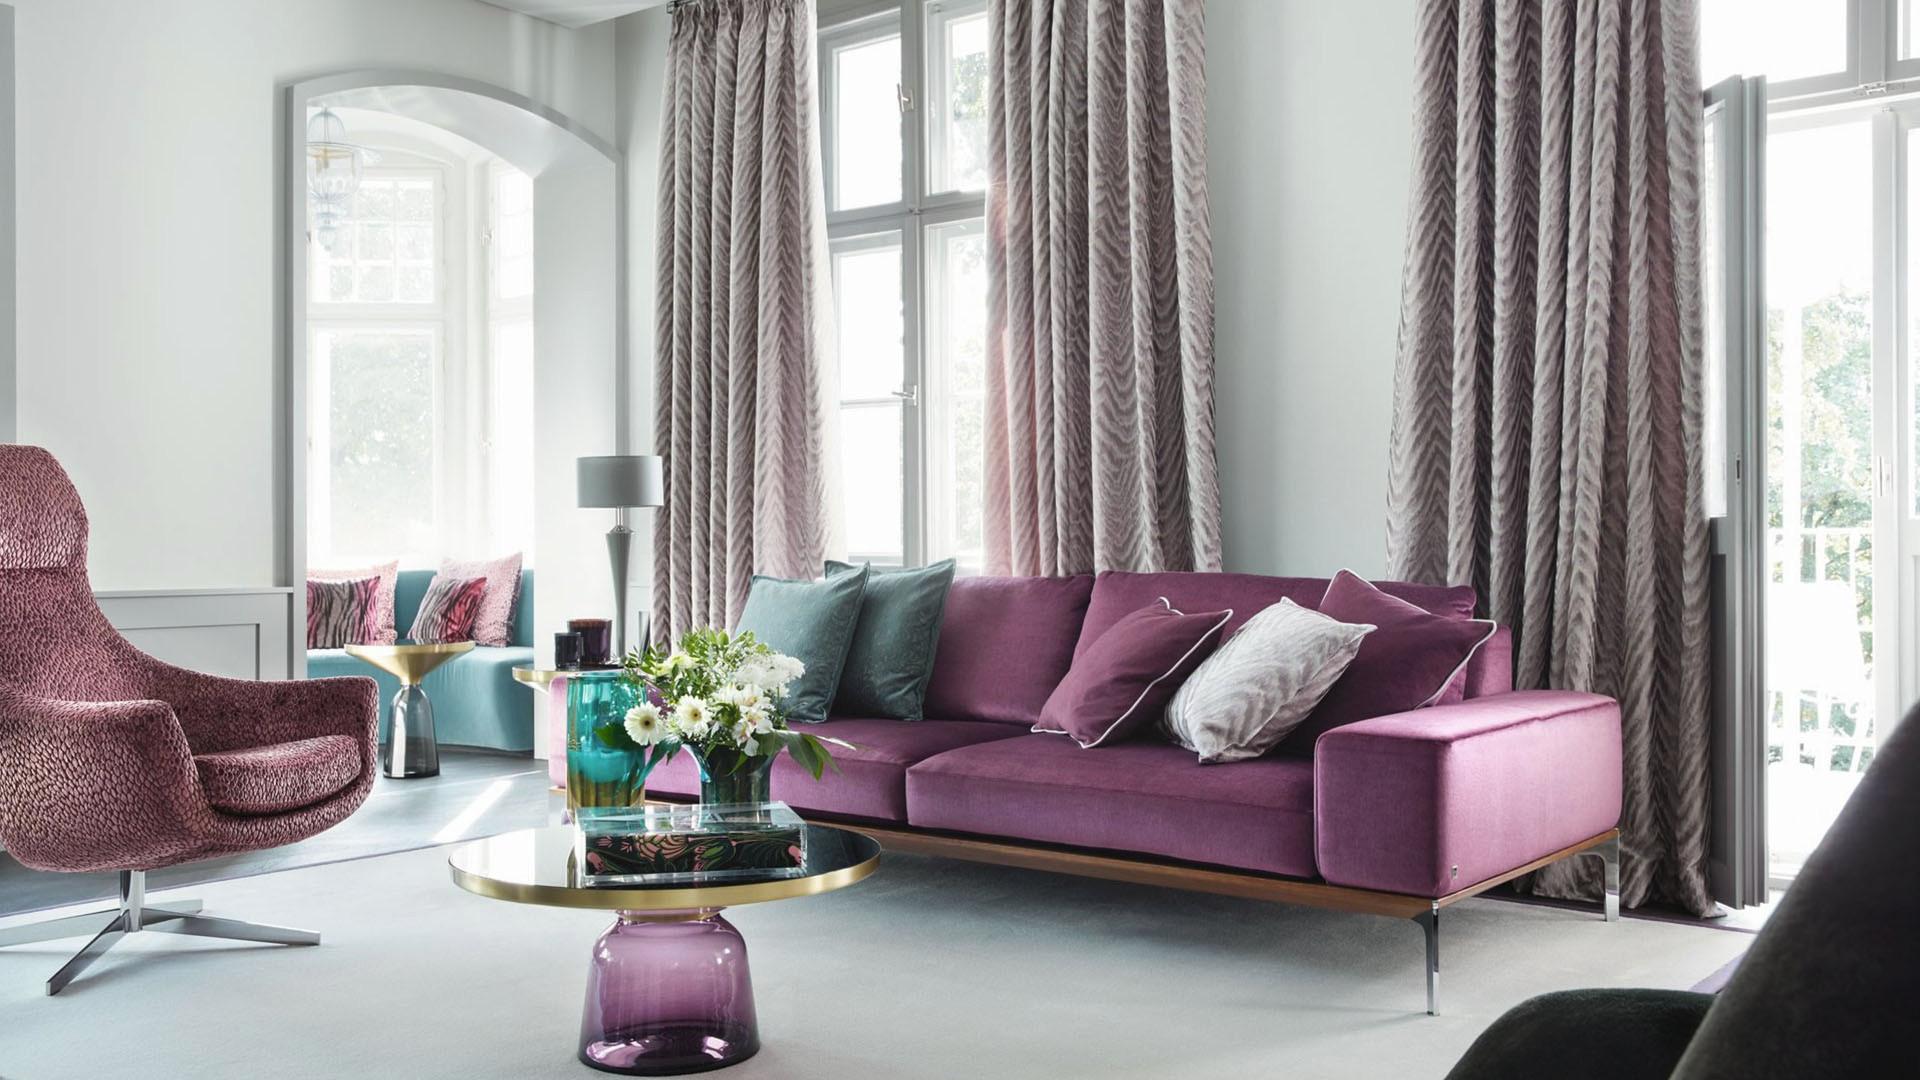 stoffe und gardinen top designers guild stoffe und. Black Bedroom Furniture Sets. Home Design Ideas